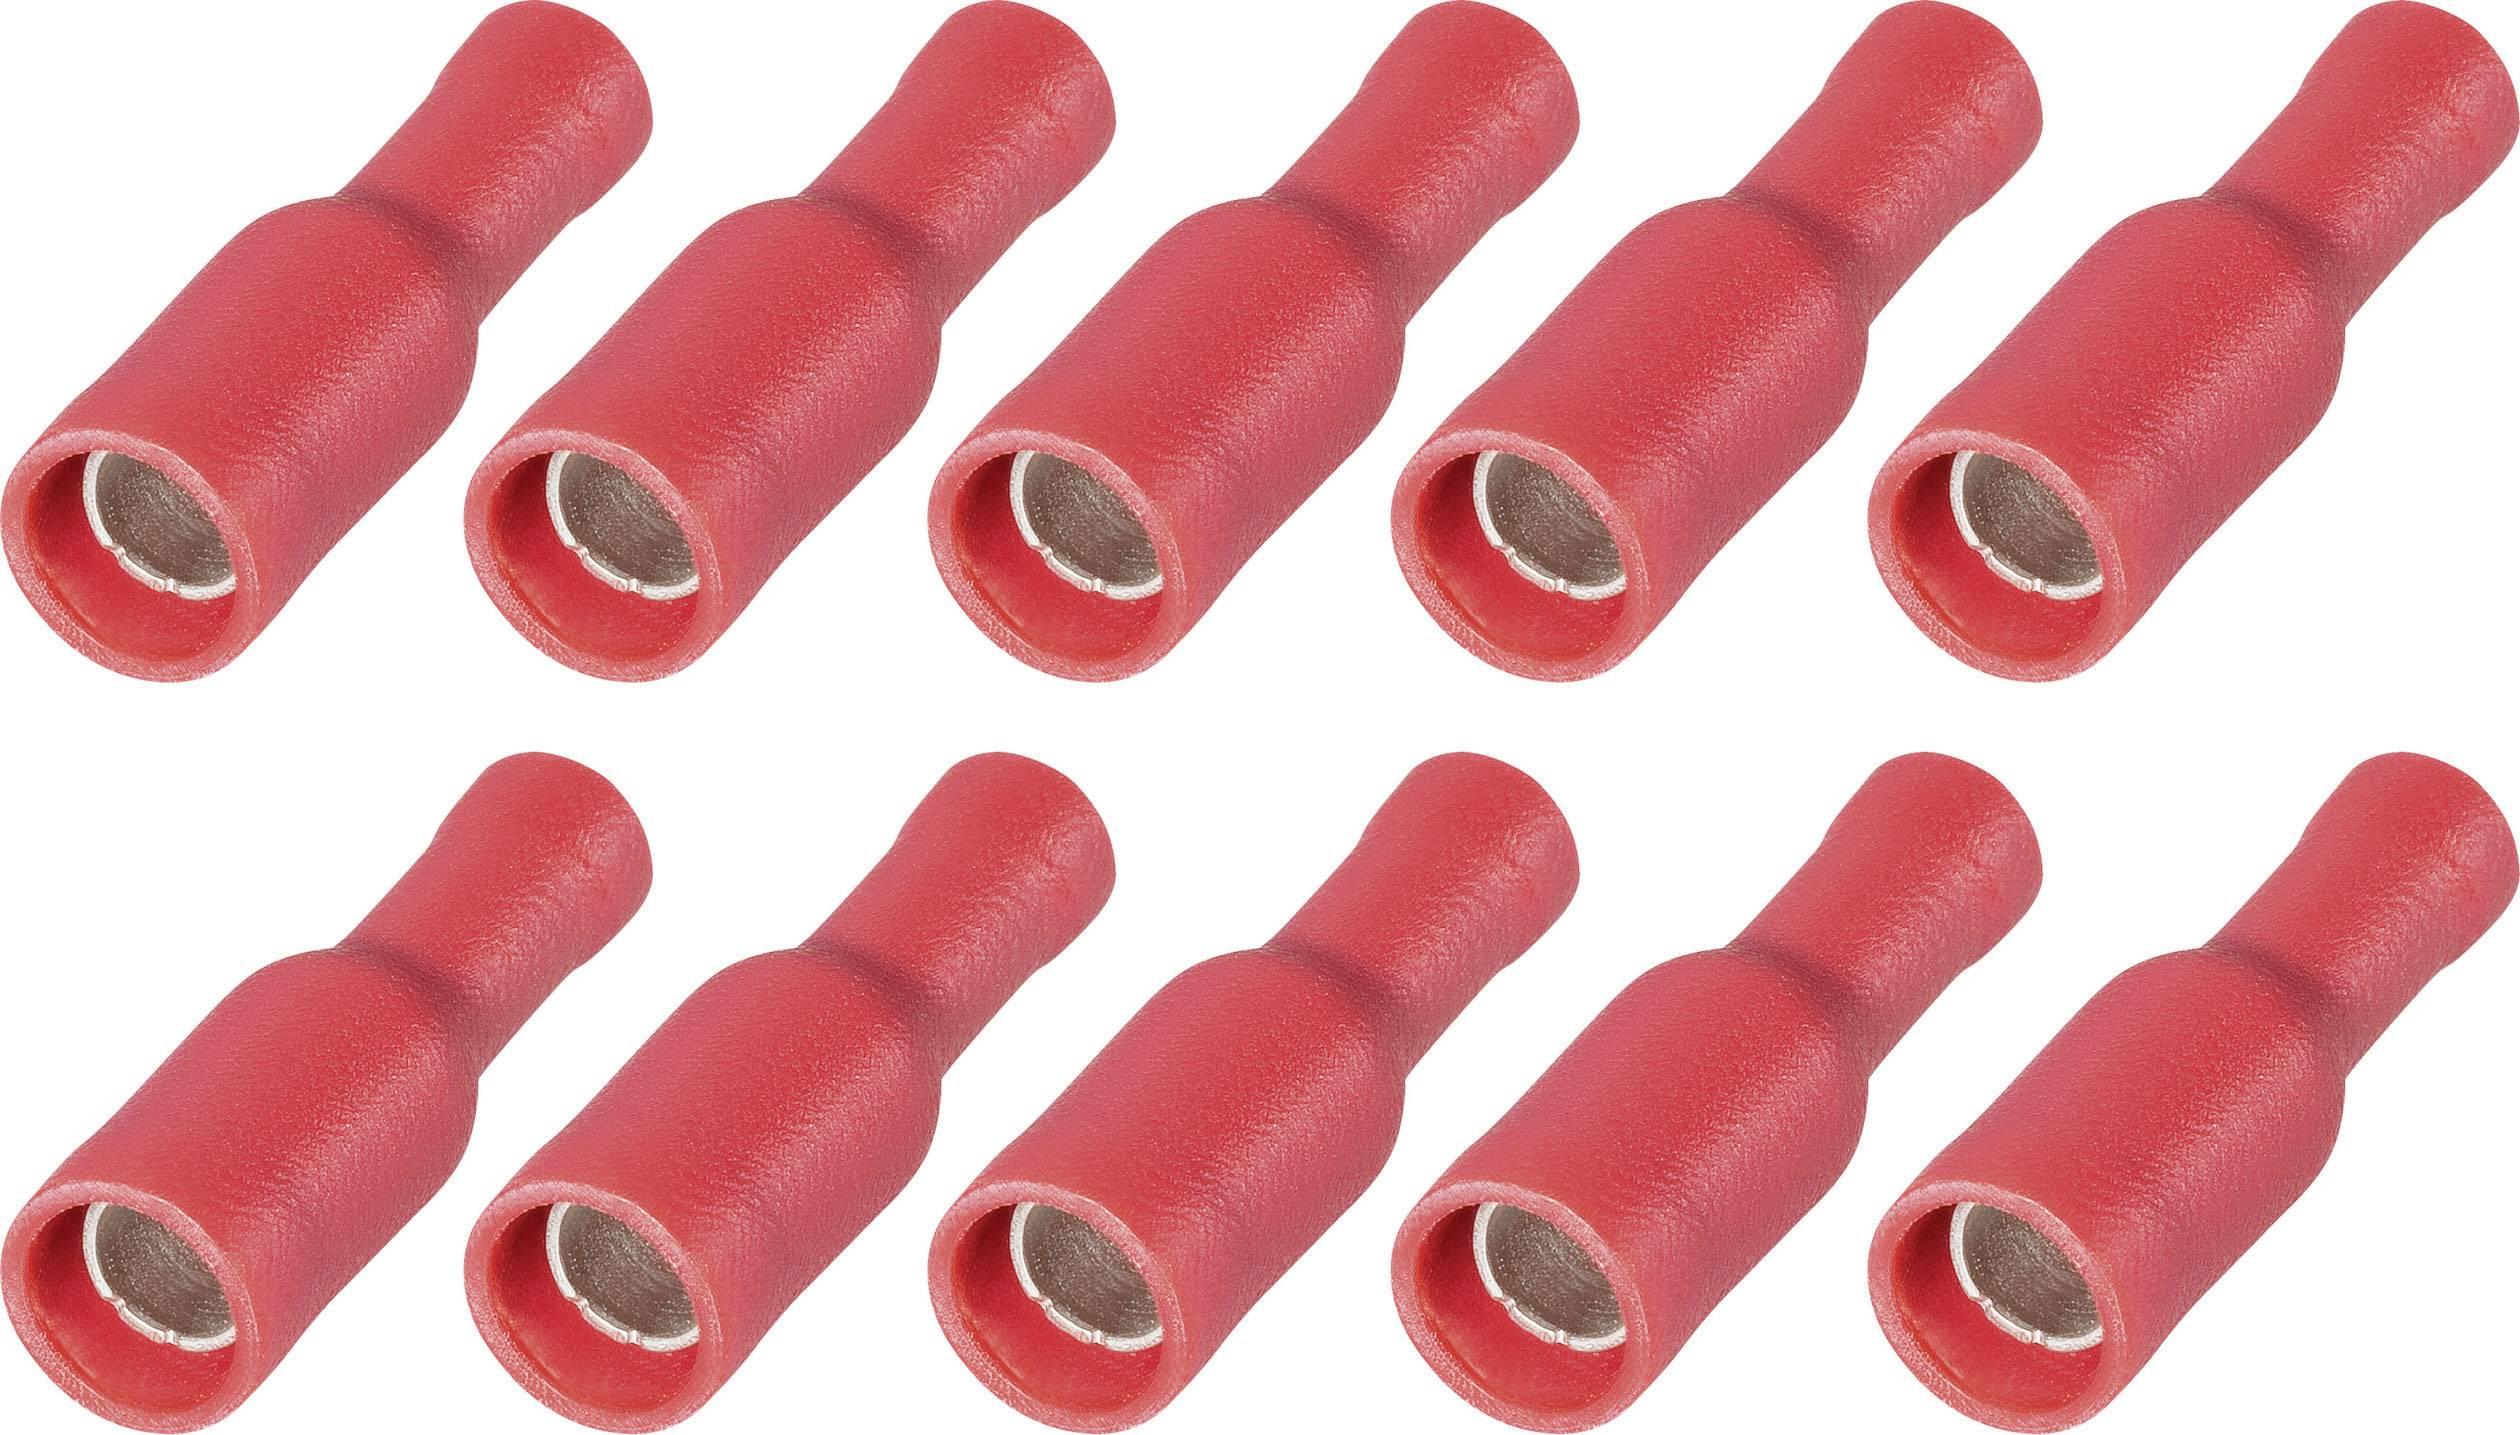 Sada dutinkových upevnení faston s PVC izoláciou na kábel RRP 4-1, 4 mm, 0,5 - 1,5 mm², červená, 10 ks